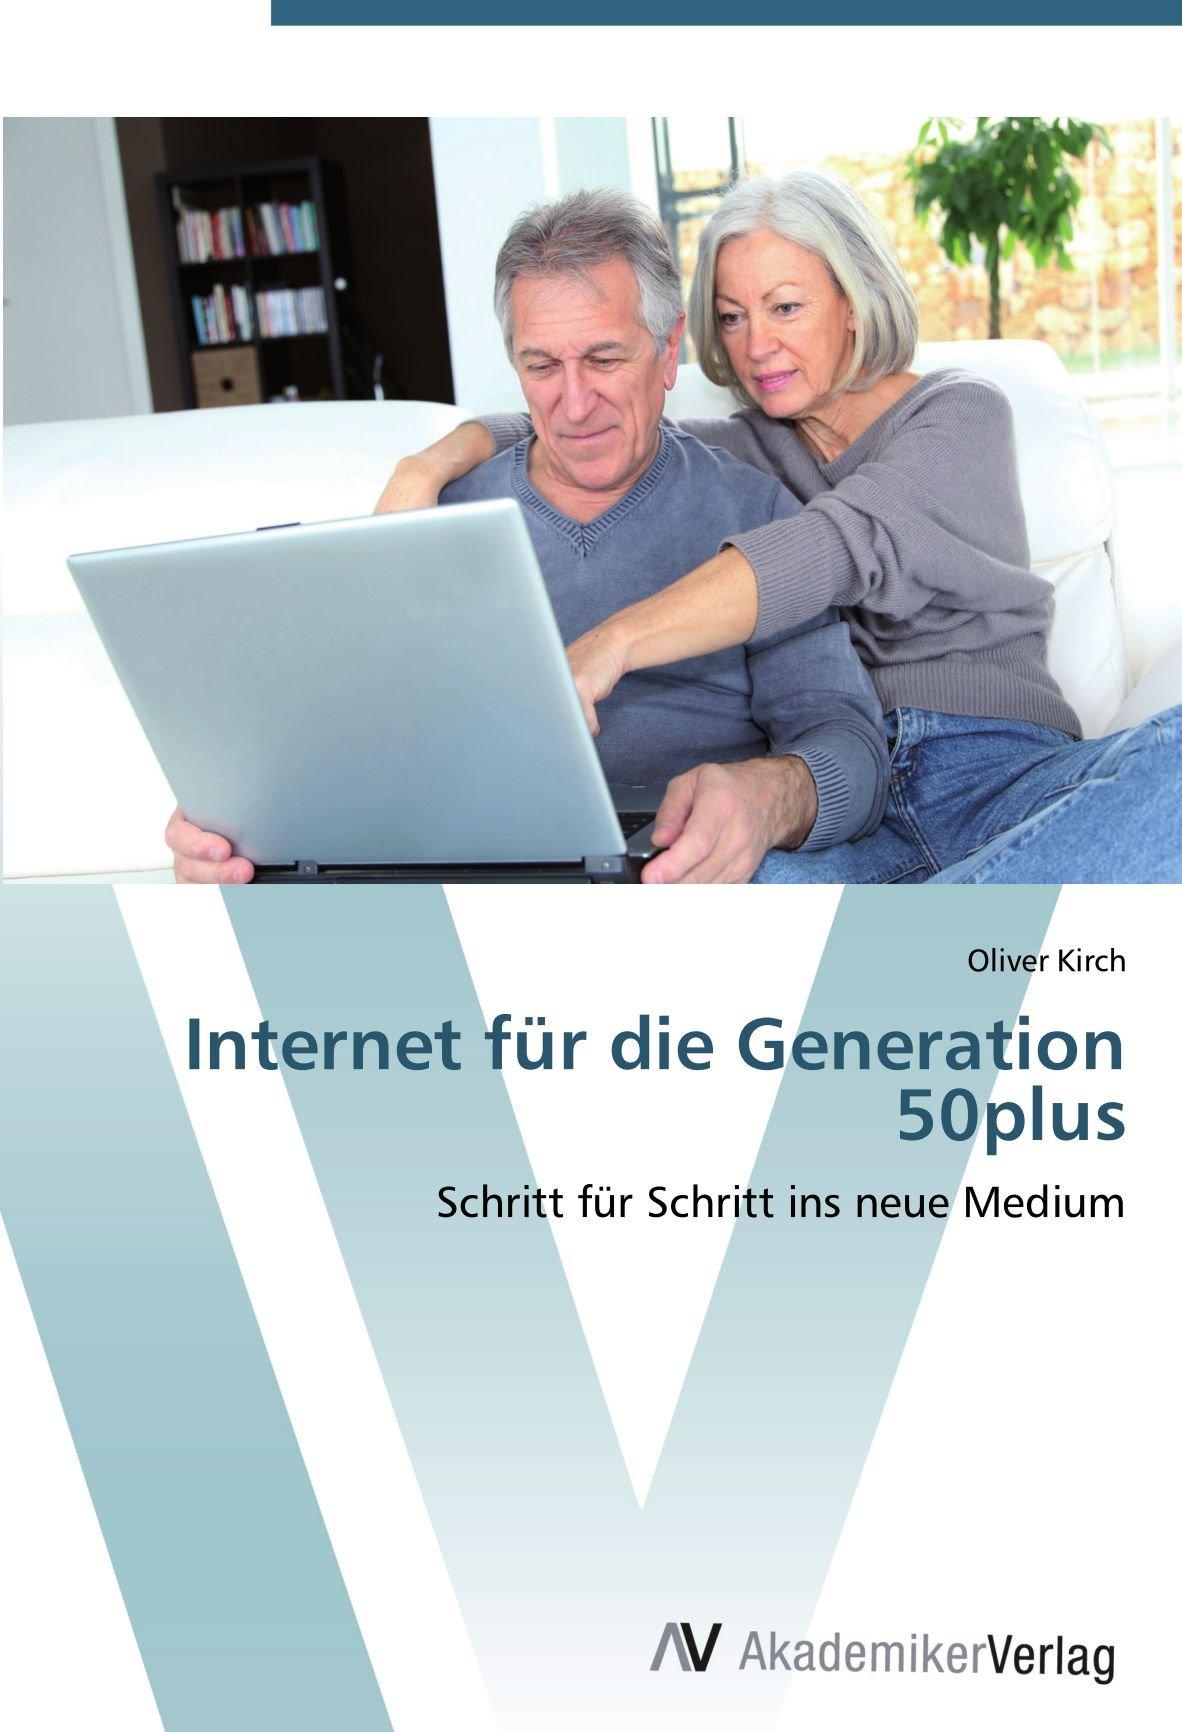 Internet für die Generation 50plus: Schritt für Schritt ins neue Medium (German Edition) ebook